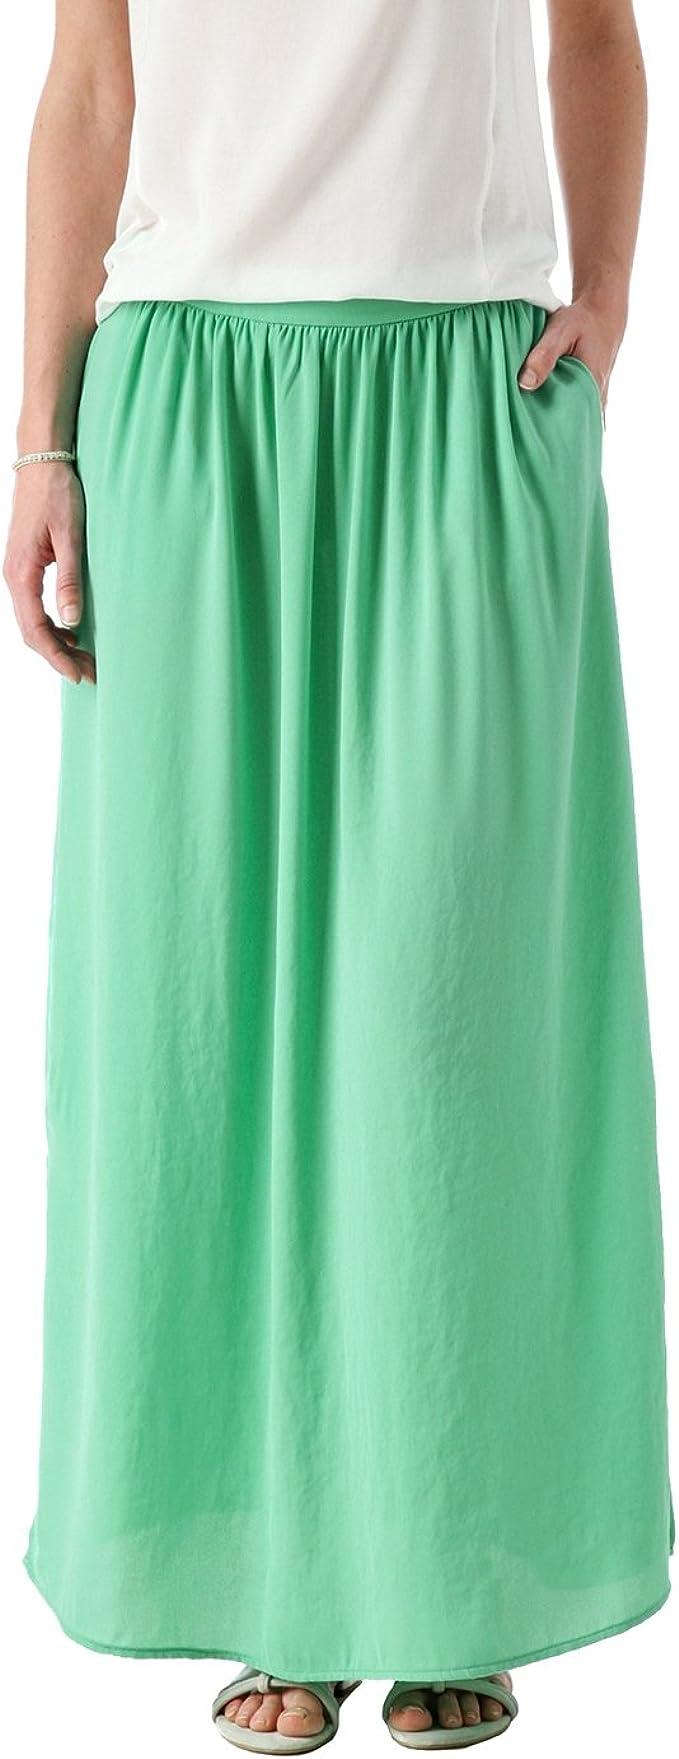 Promod Longue jupe unie Femme Vert d'Eau 36: